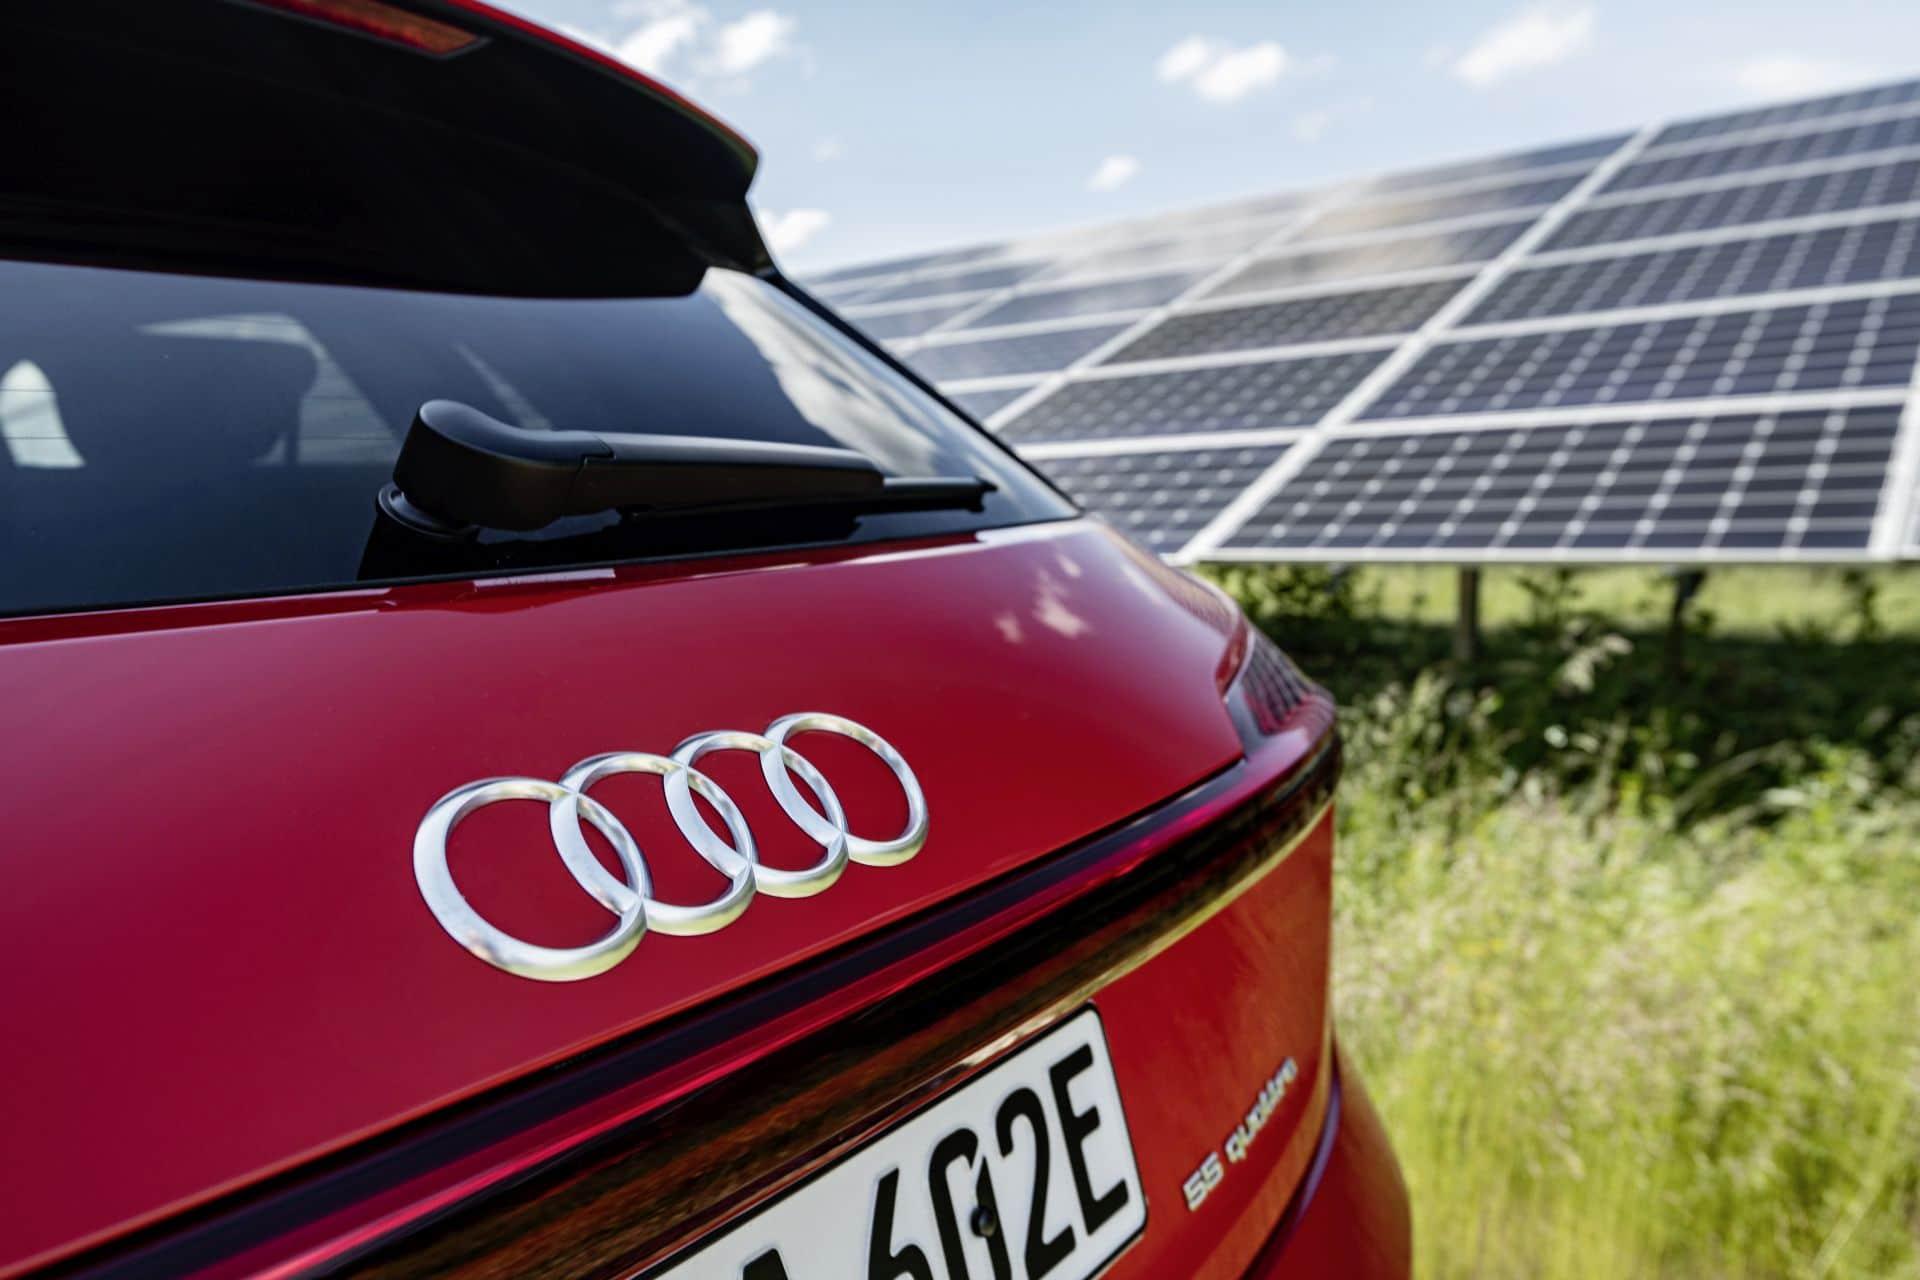 Audi forciert effektives Batterie-Recycling in Zusammenarbeit mit EnBW